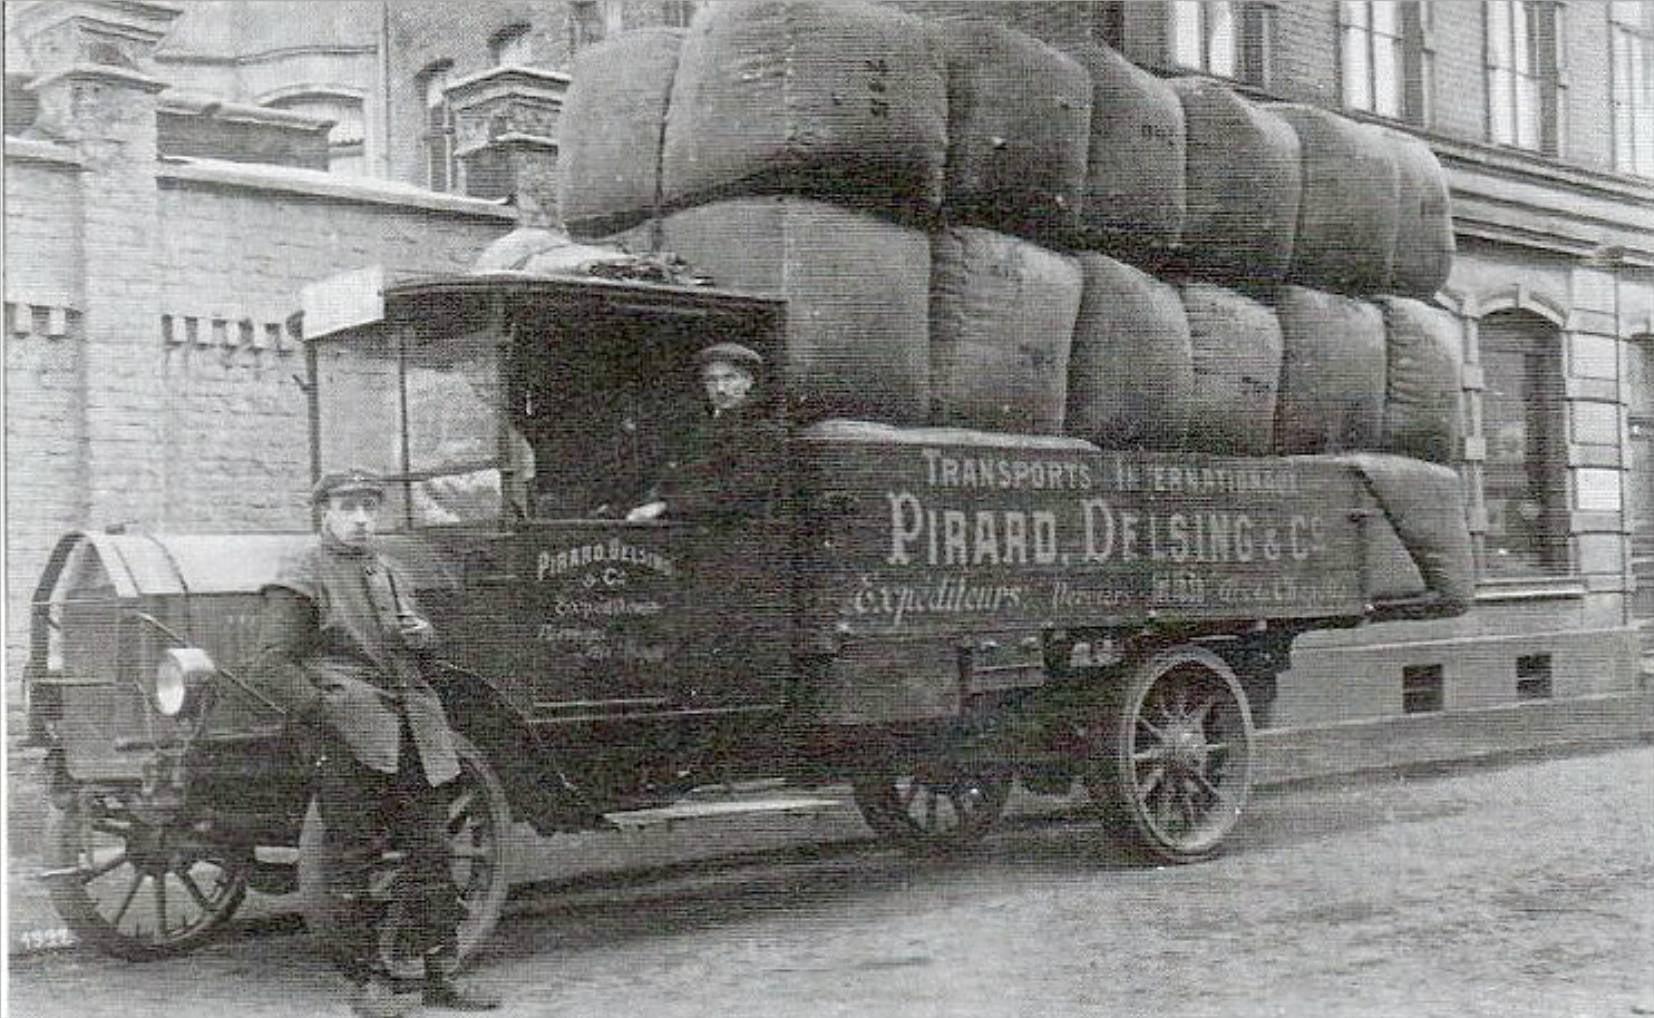 Pirard-Delsing-Vervier